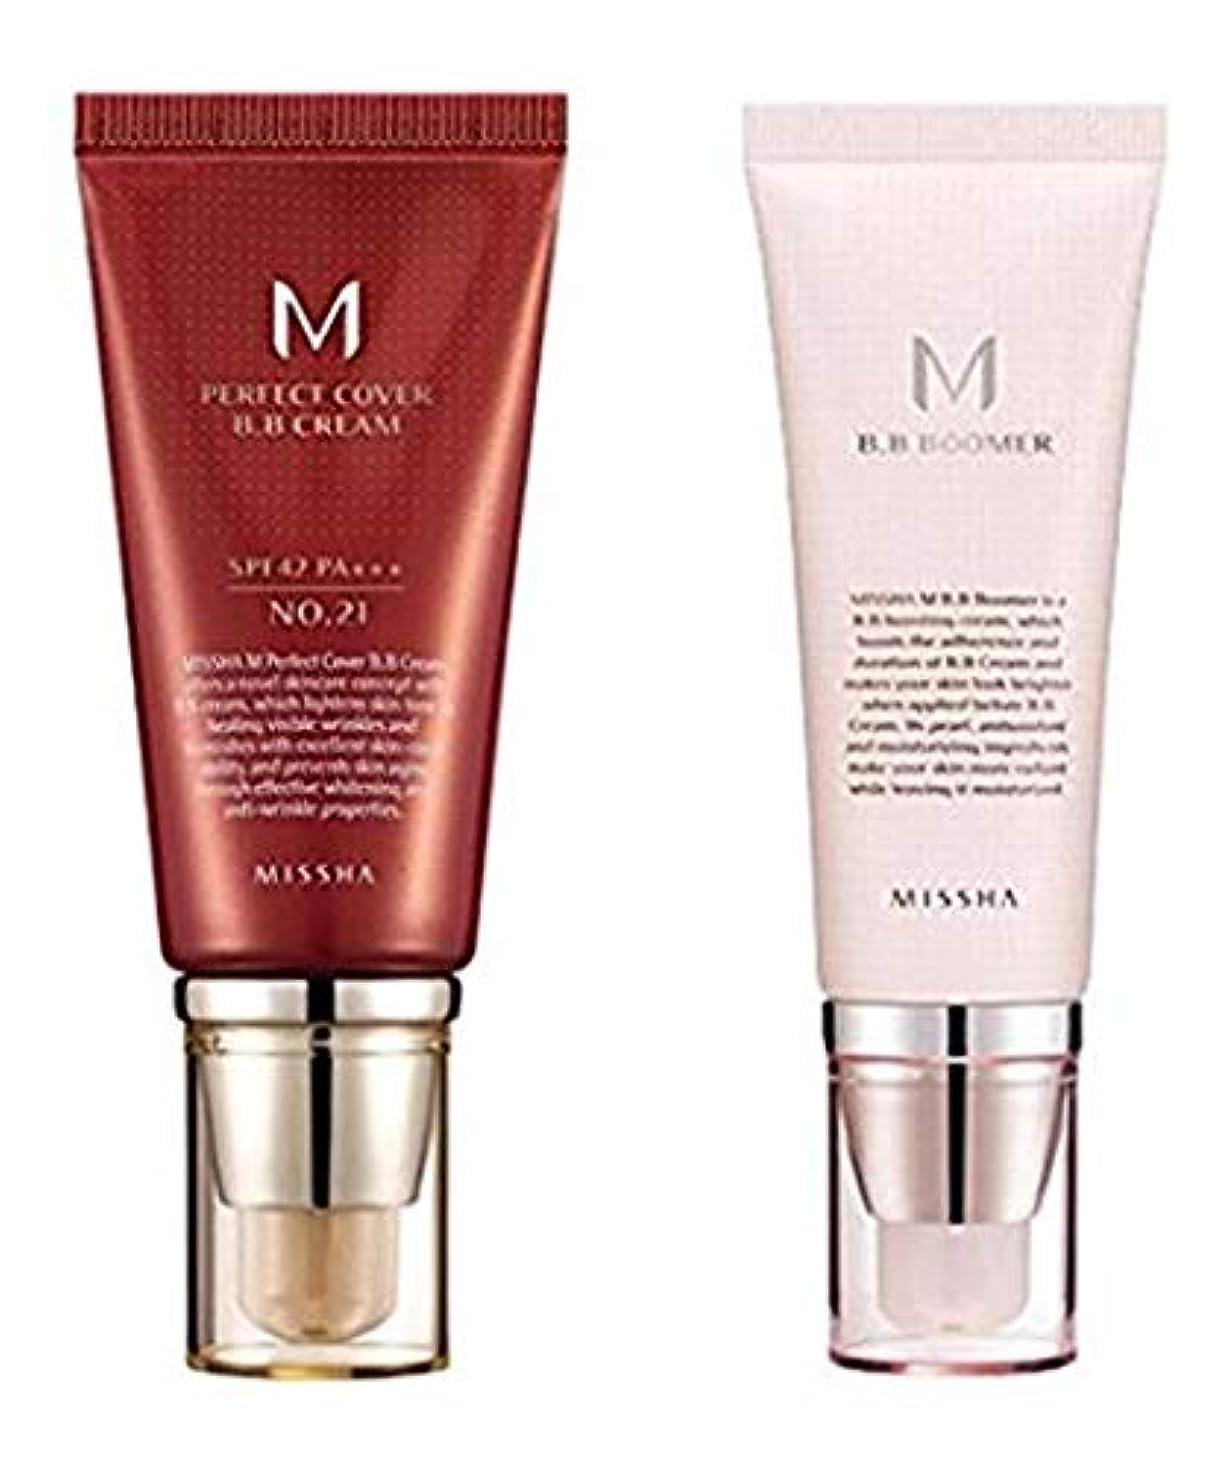 土地シプリー雪のMISSHA M Perfect Cover BB cream #21 + M BB Boomer / ミシャ M パーフェクトカバー BBクリーム 50ml + M BBブーマー40ml [並行輸入品]